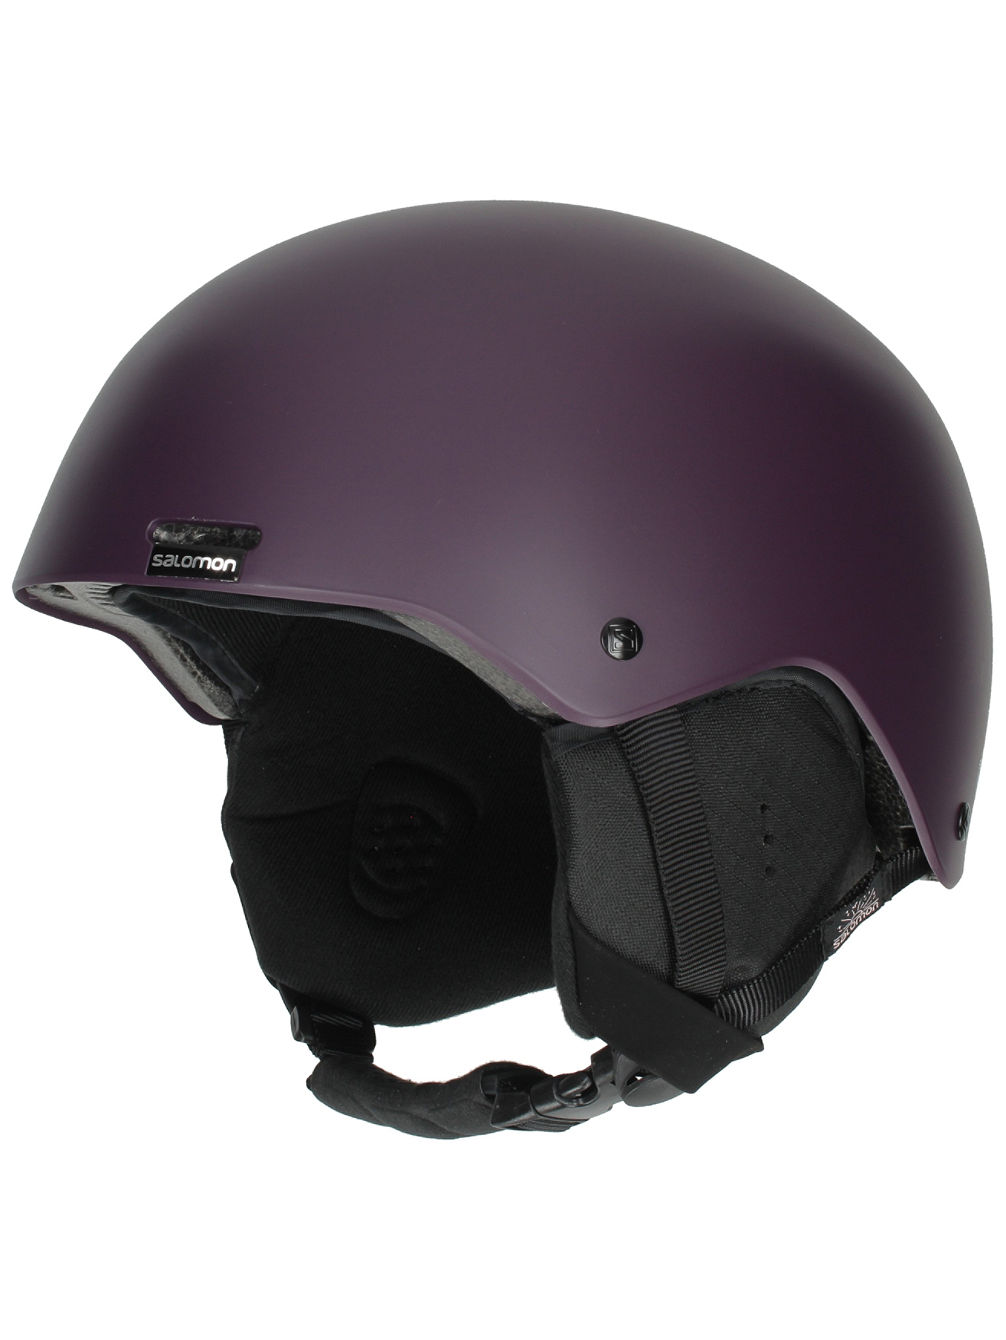 43cc954eafa1 Buy Salomon Spell Helmet online at Blue Tomato